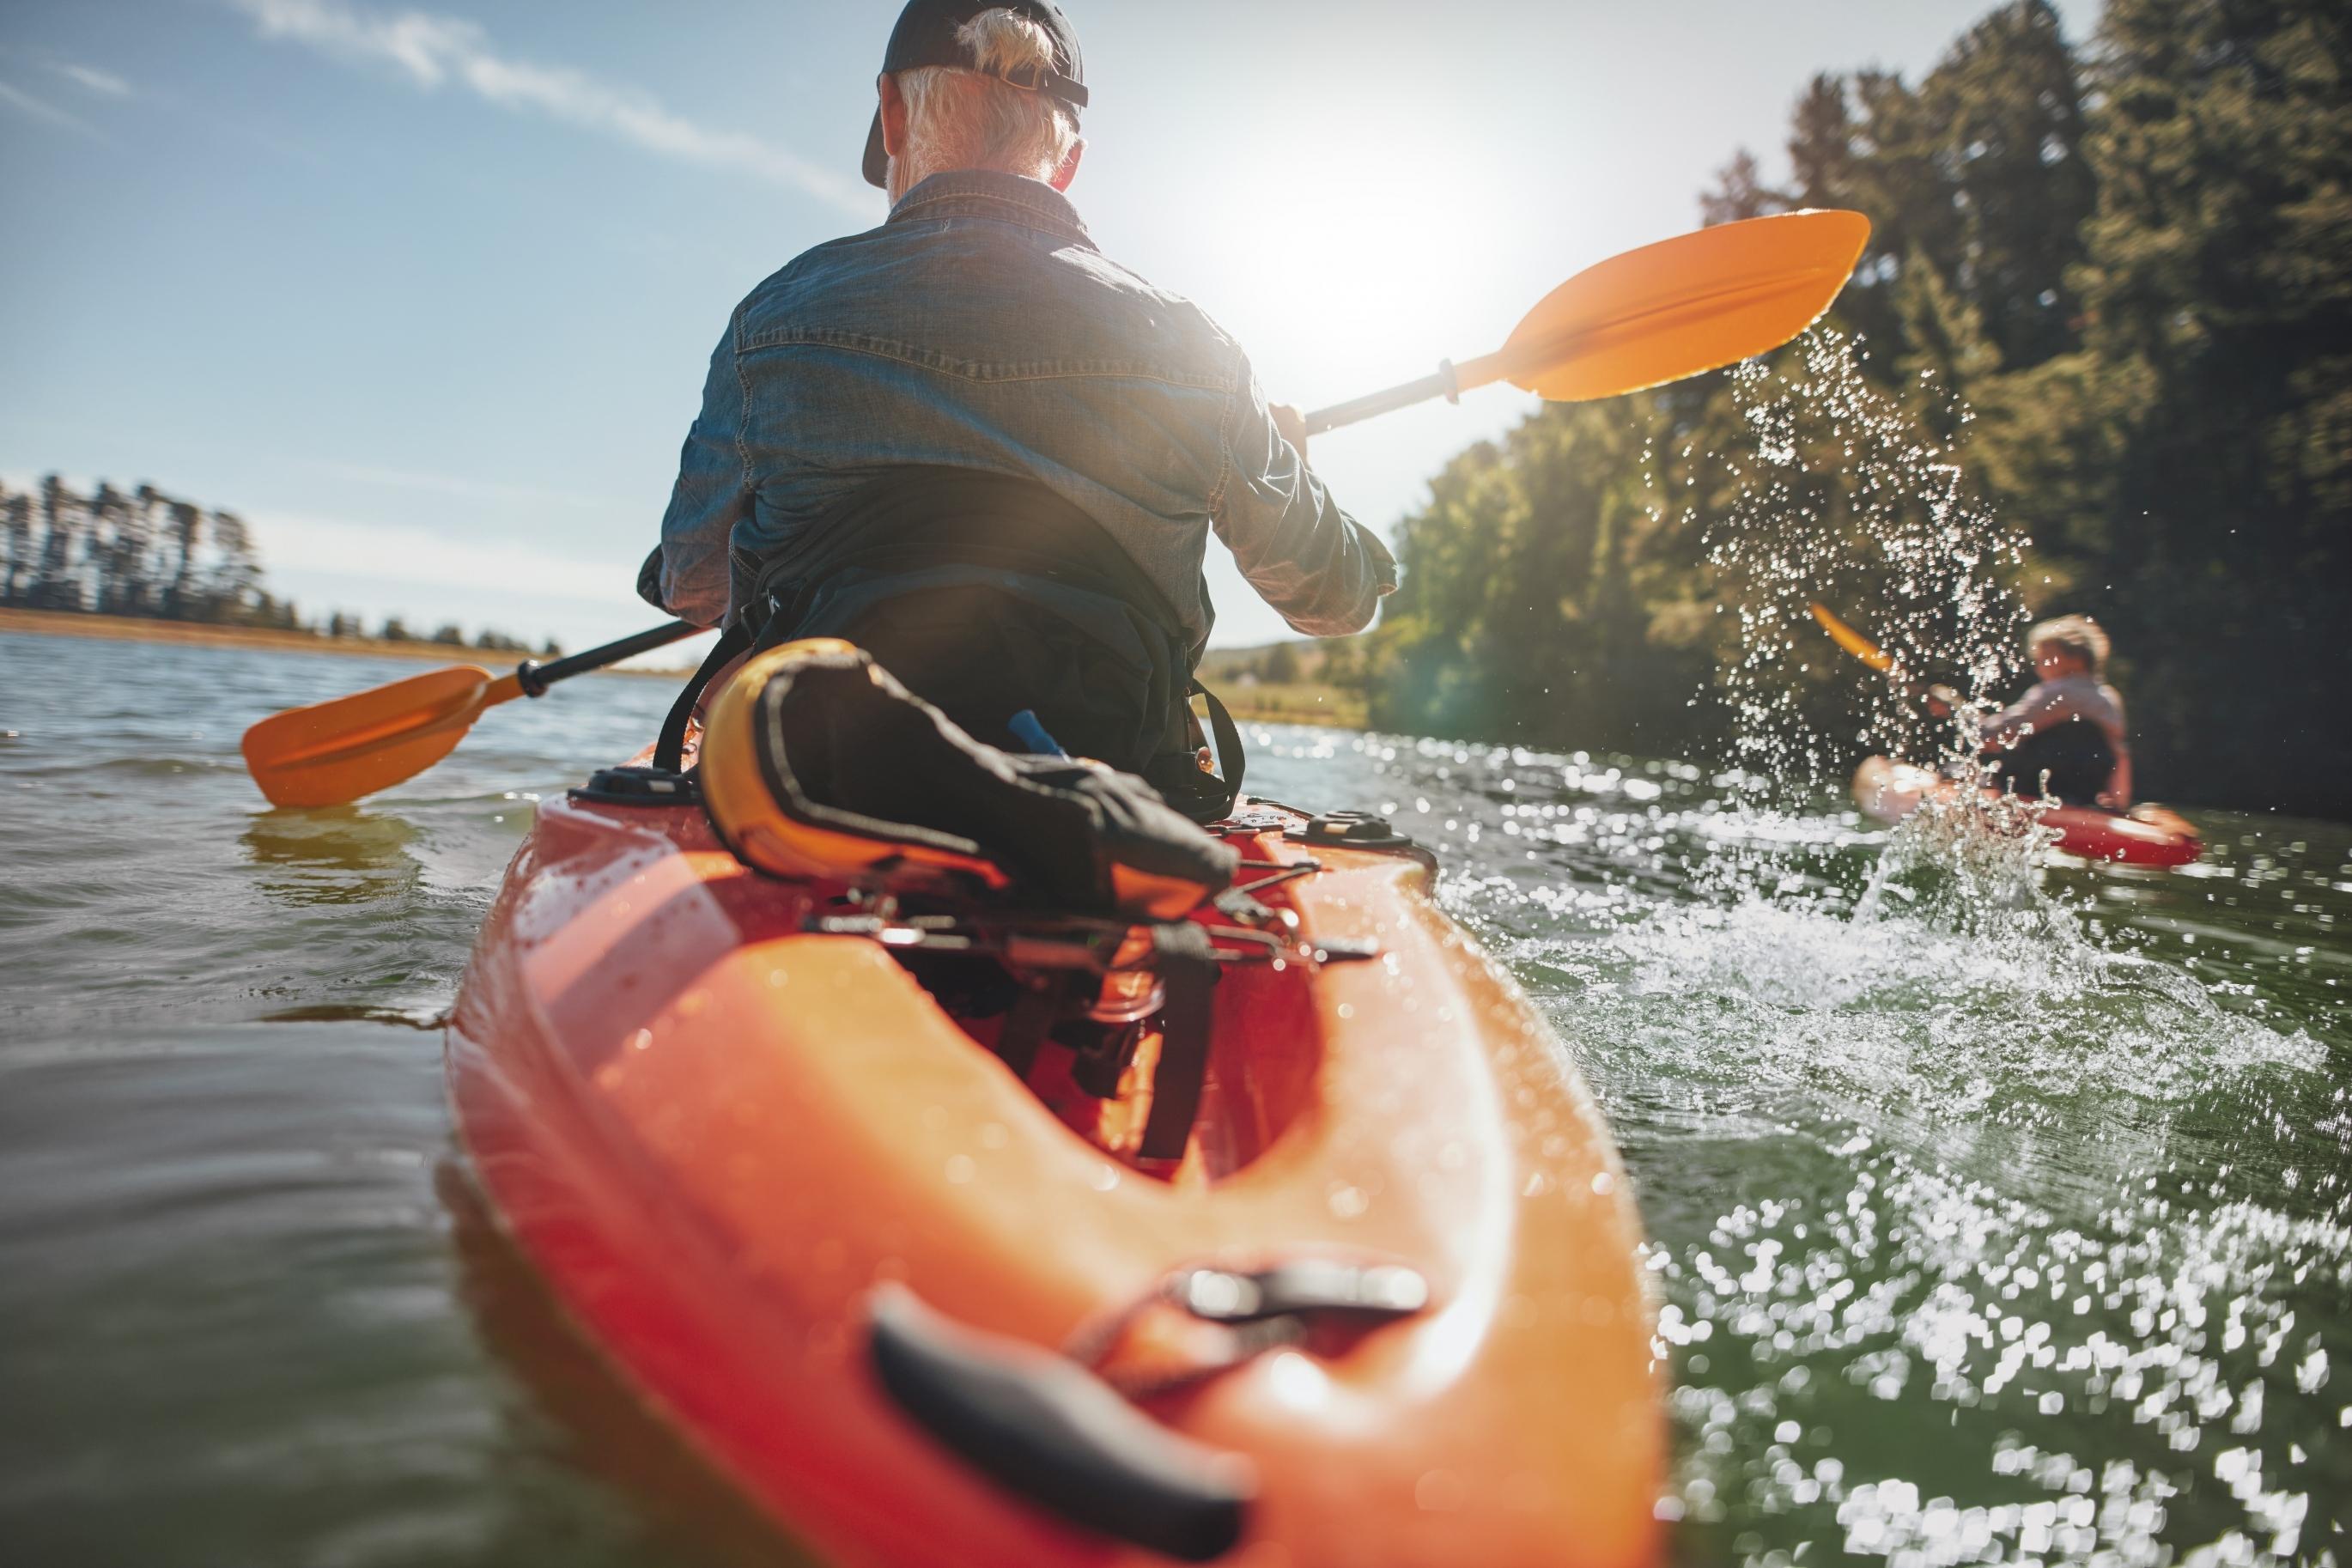 Man In Kayak Paddling On Lake